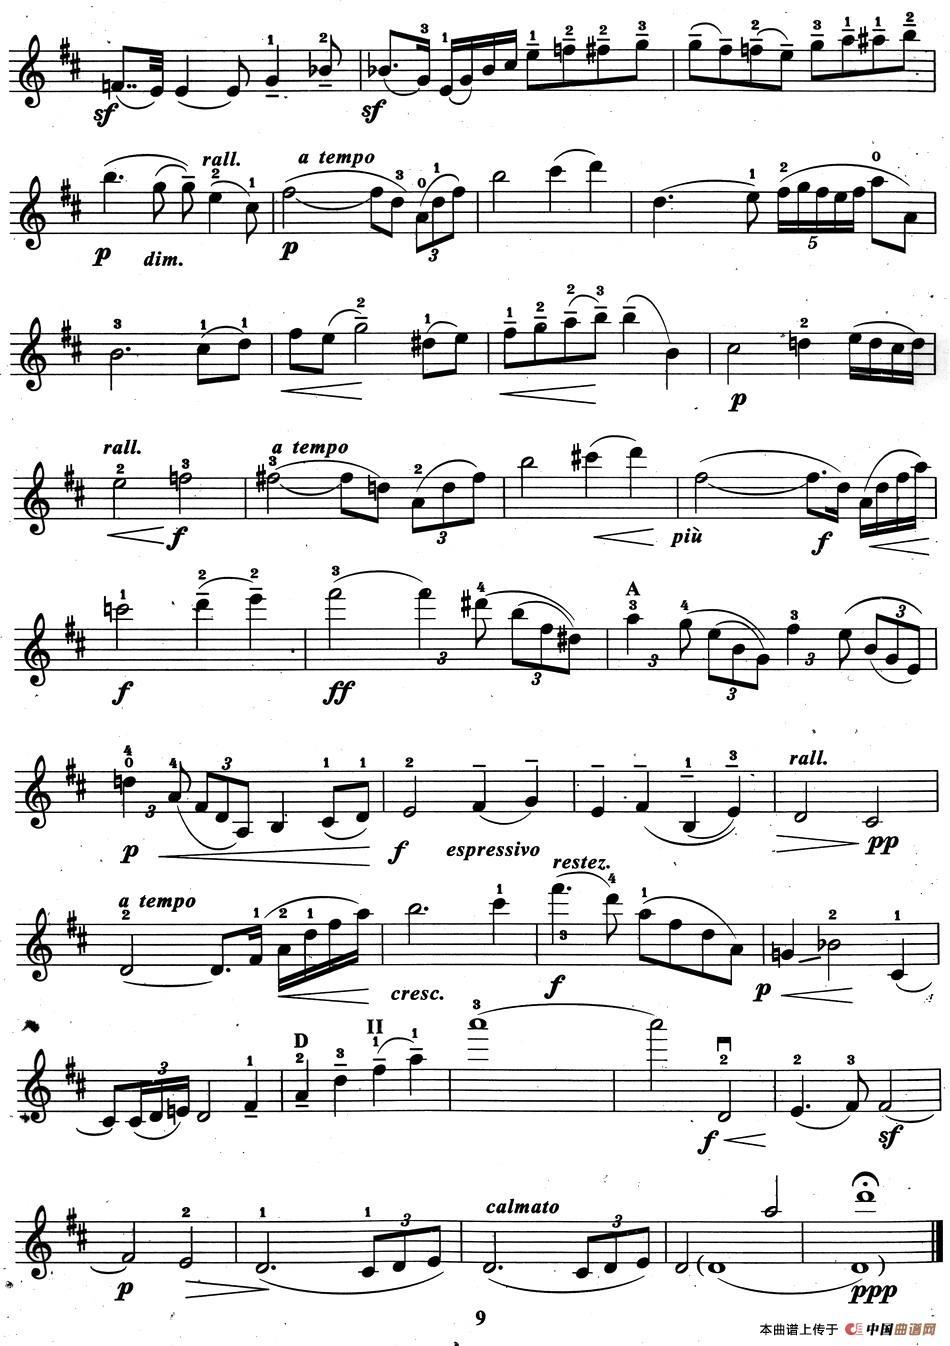 小提琴曲谱